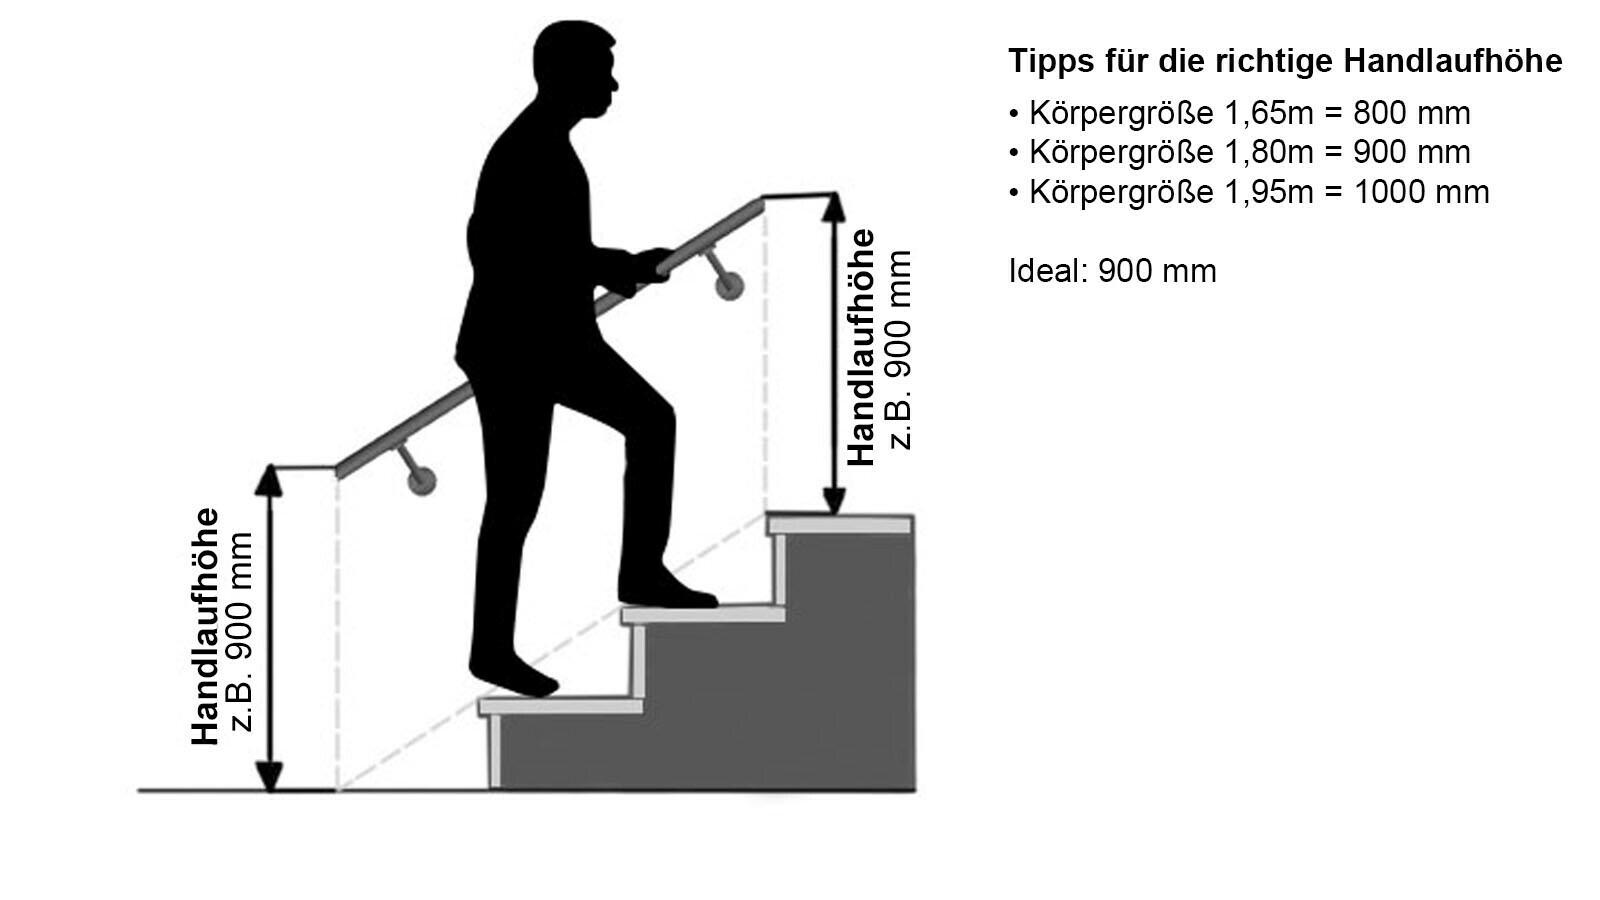 L/änge 30-500 cm aus einem St/ück//zum Beispiel L/änge 150 cm mit 3 Halter Enden =gefast Eiche Gel/änder Handlauf Set Bausatz mit gewinkelte Halter verschiedene Endst/ücke